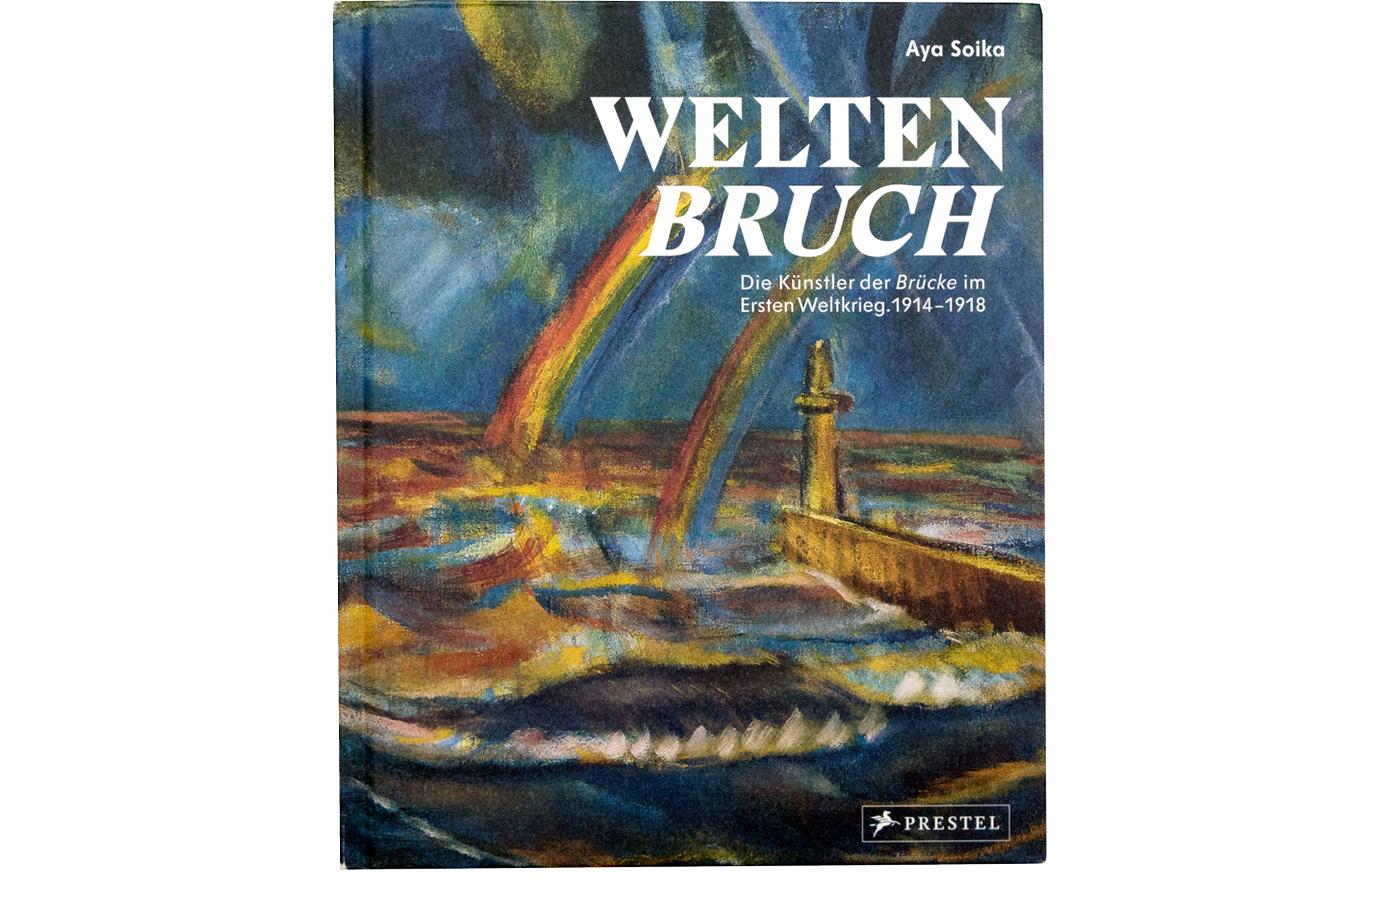 http://e-o-t.de/wordpress/wp-content/uploads/2017/06/2014_eot-Weltenbruch-Book-.jpg